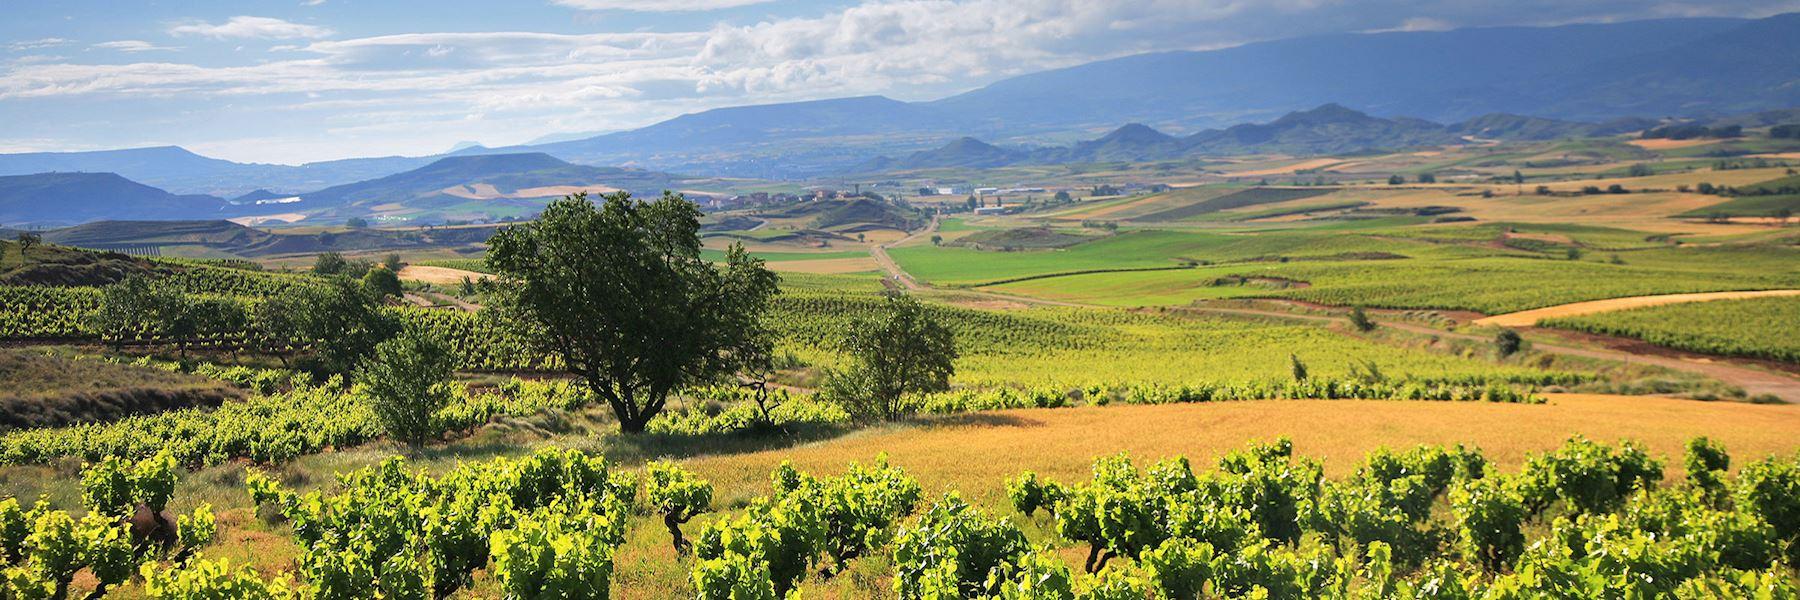 Best Hotels In La Rioja Spain